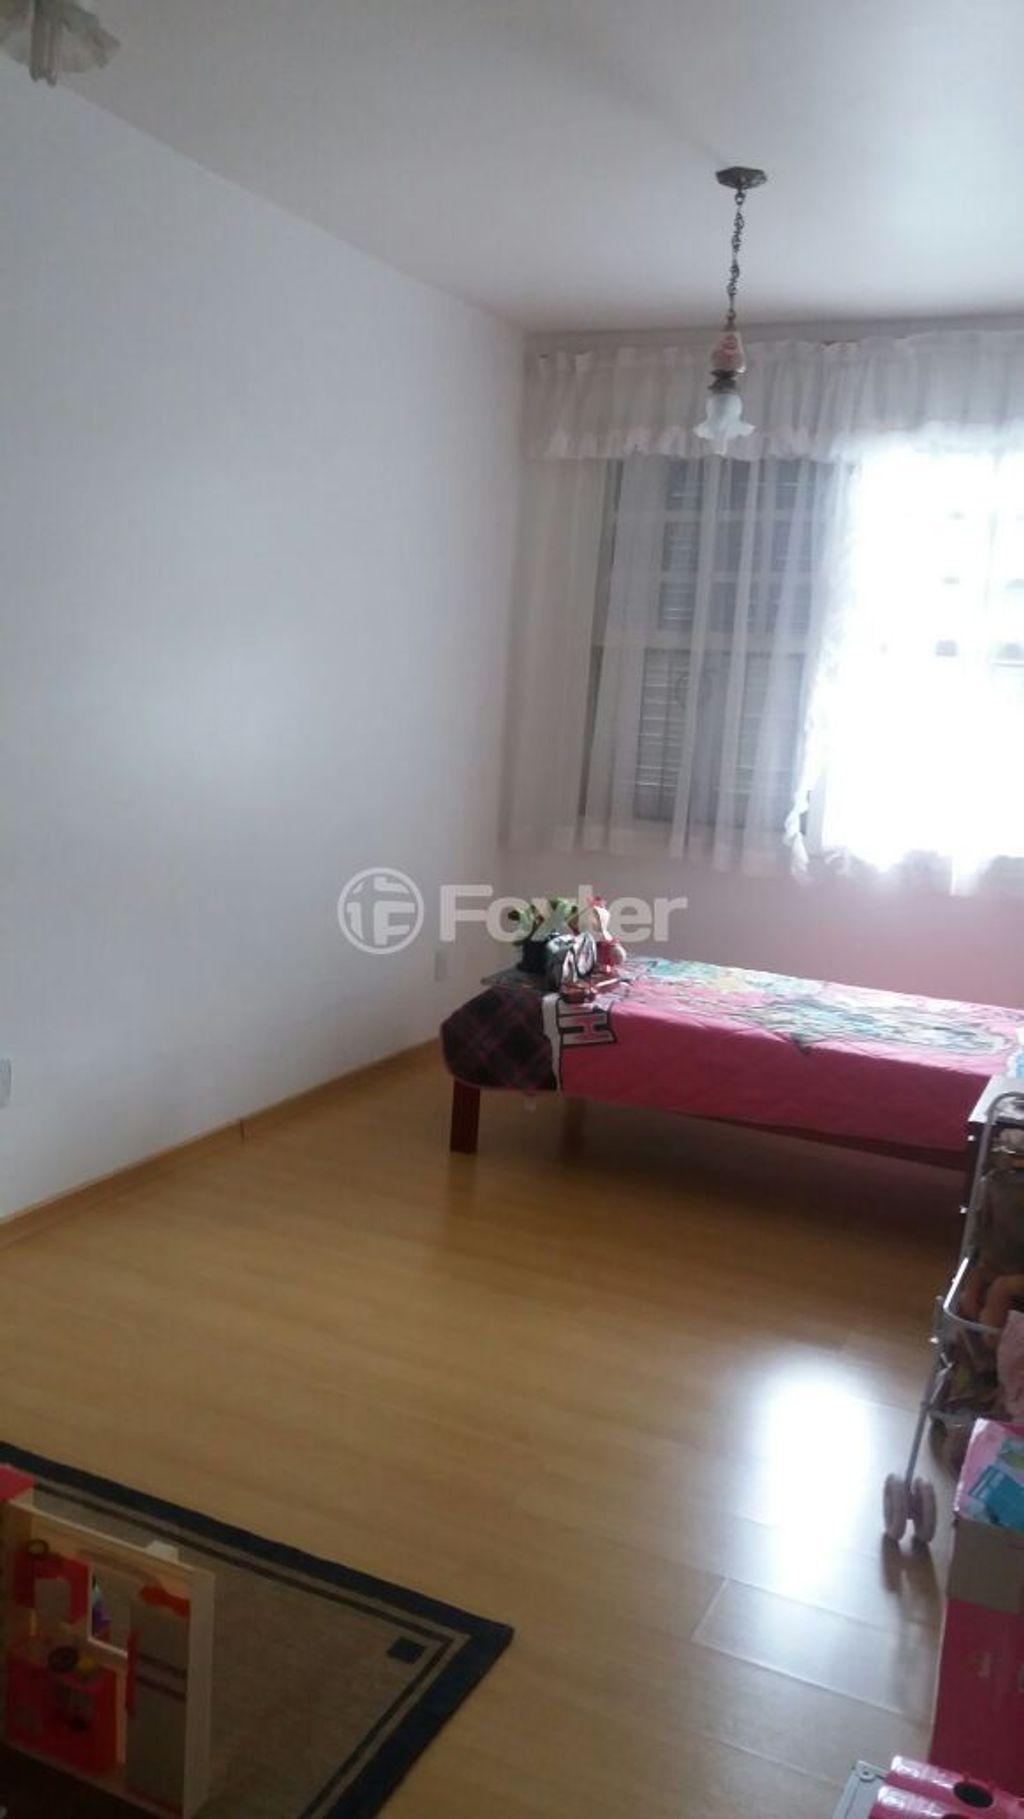 Casa 4 Dorm, Medianeira, Porto Alegre (145216) - Foto 15